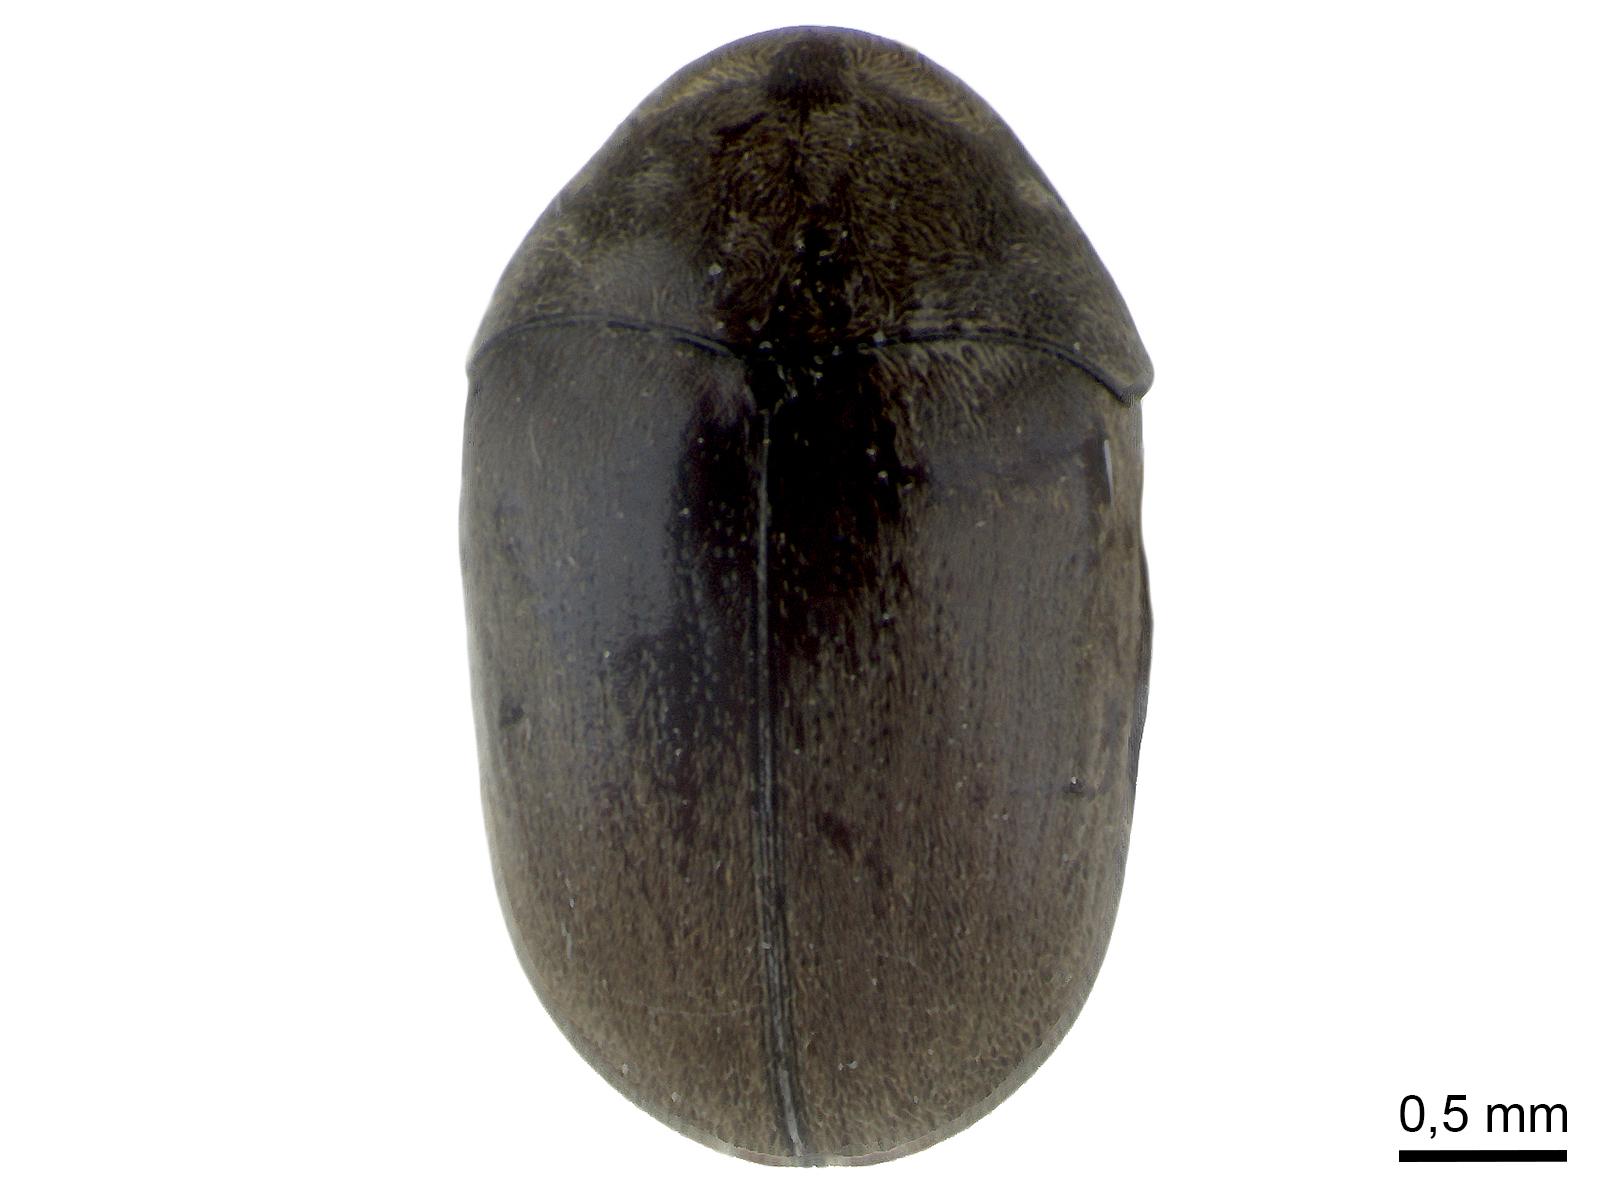 Tricorynus palmarum(Guérin-Méneville, 1851)